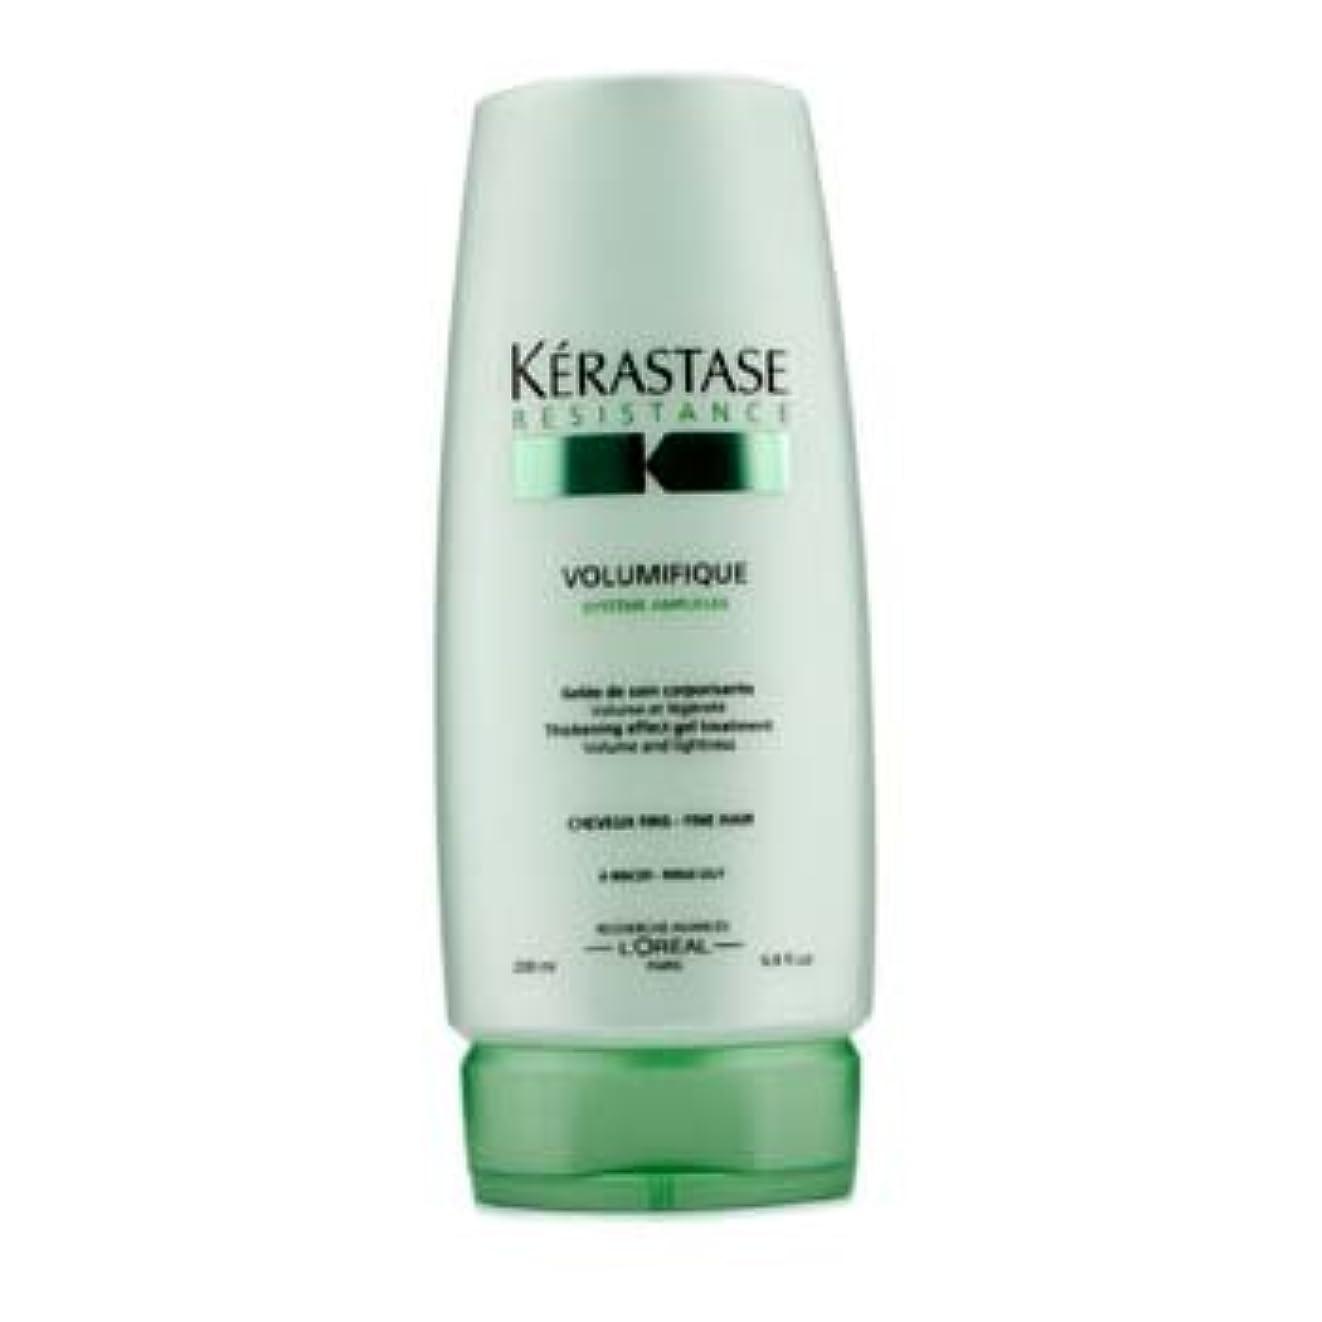 観客かけるしっかりケラスターゼ Resistance Volumifique Thickening Effect Gel Treatment (For Fine Hair) 200ml/6.8oz並行輸入品